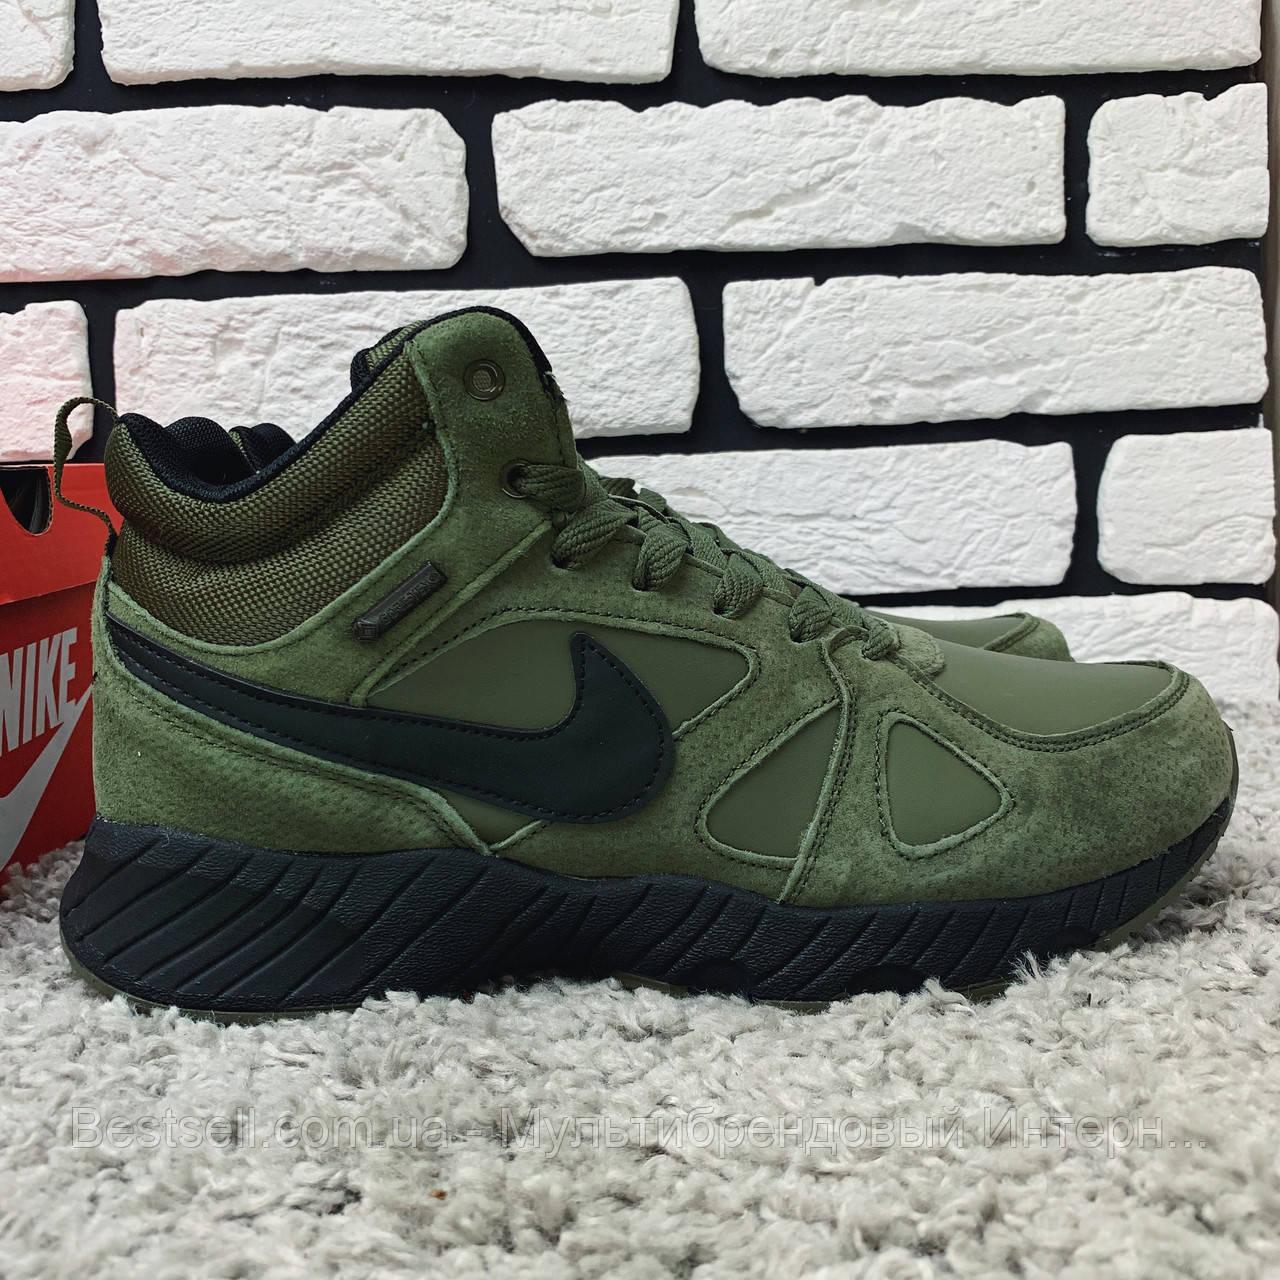 Зимові черевики (на хутрі) Nike Air Max 1-020 ⏩ [ 45 останній розмір ]